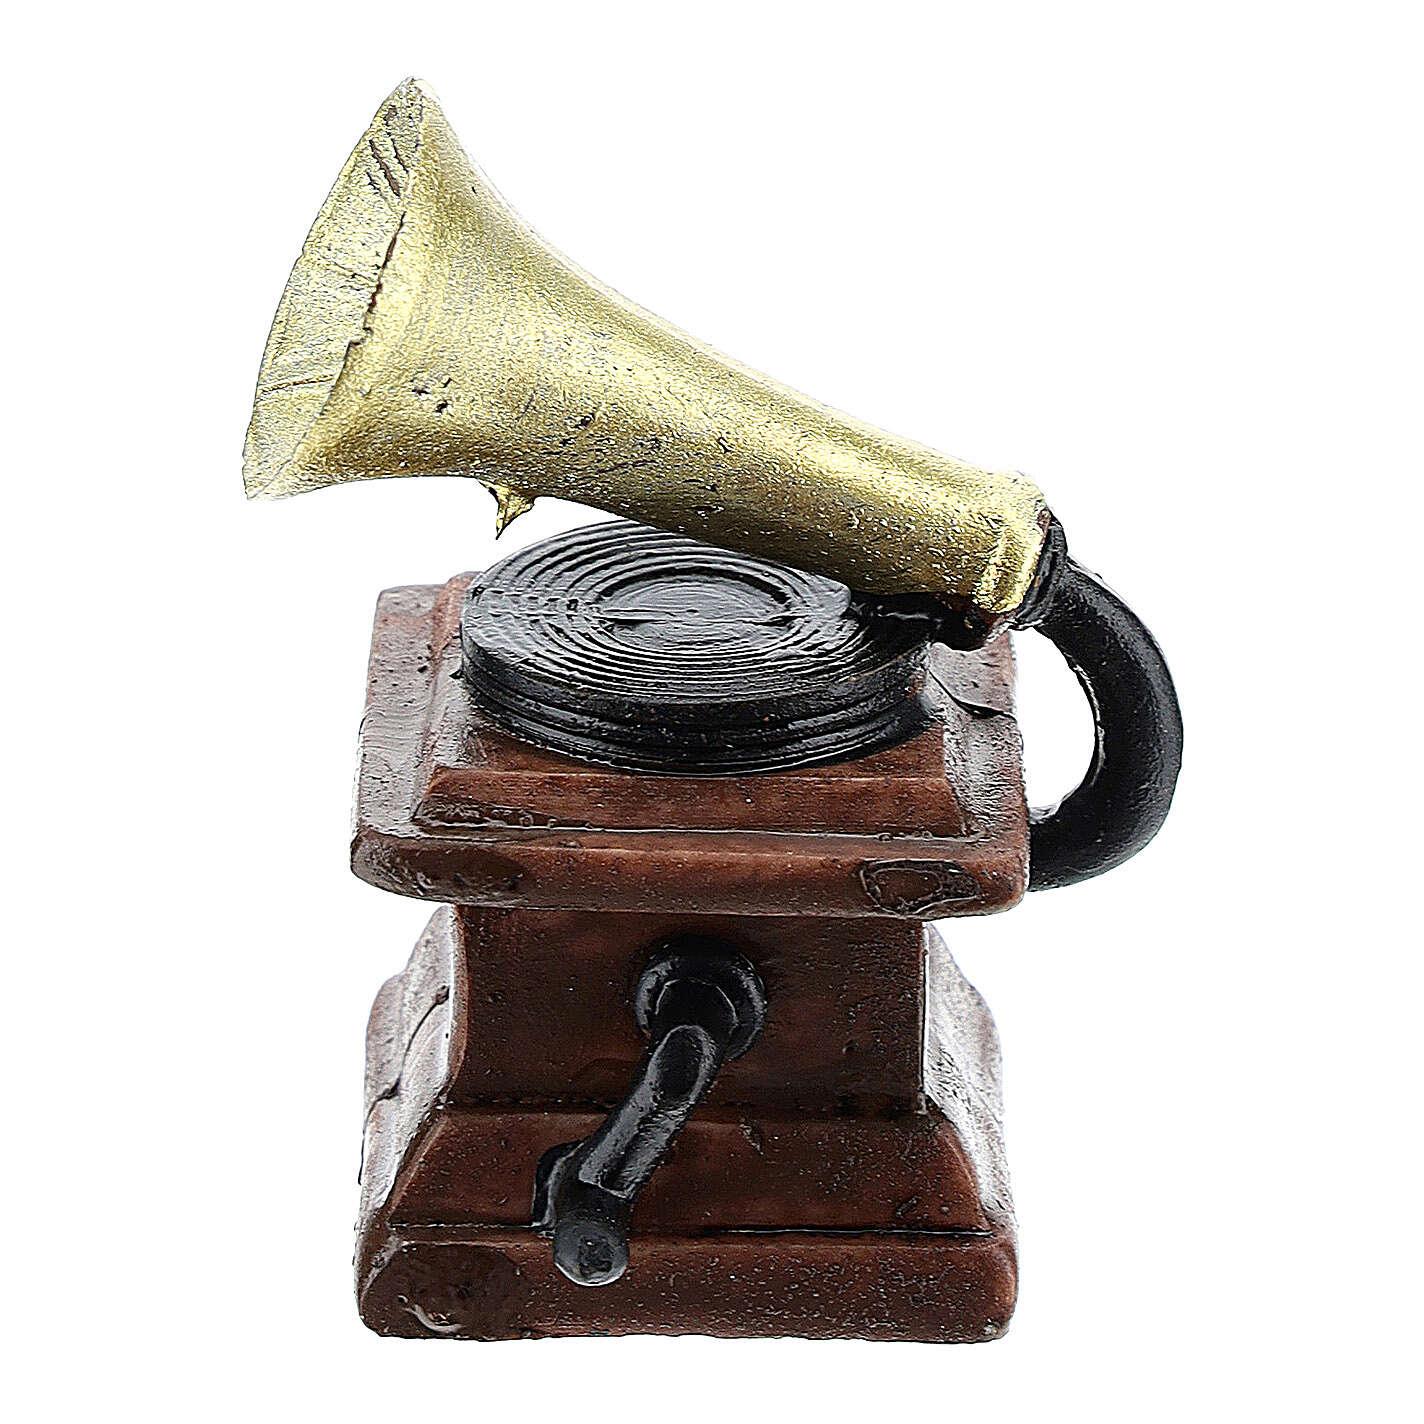 Gramophone in resin 5x3x3 cm, for 14-16 cm nativity 4